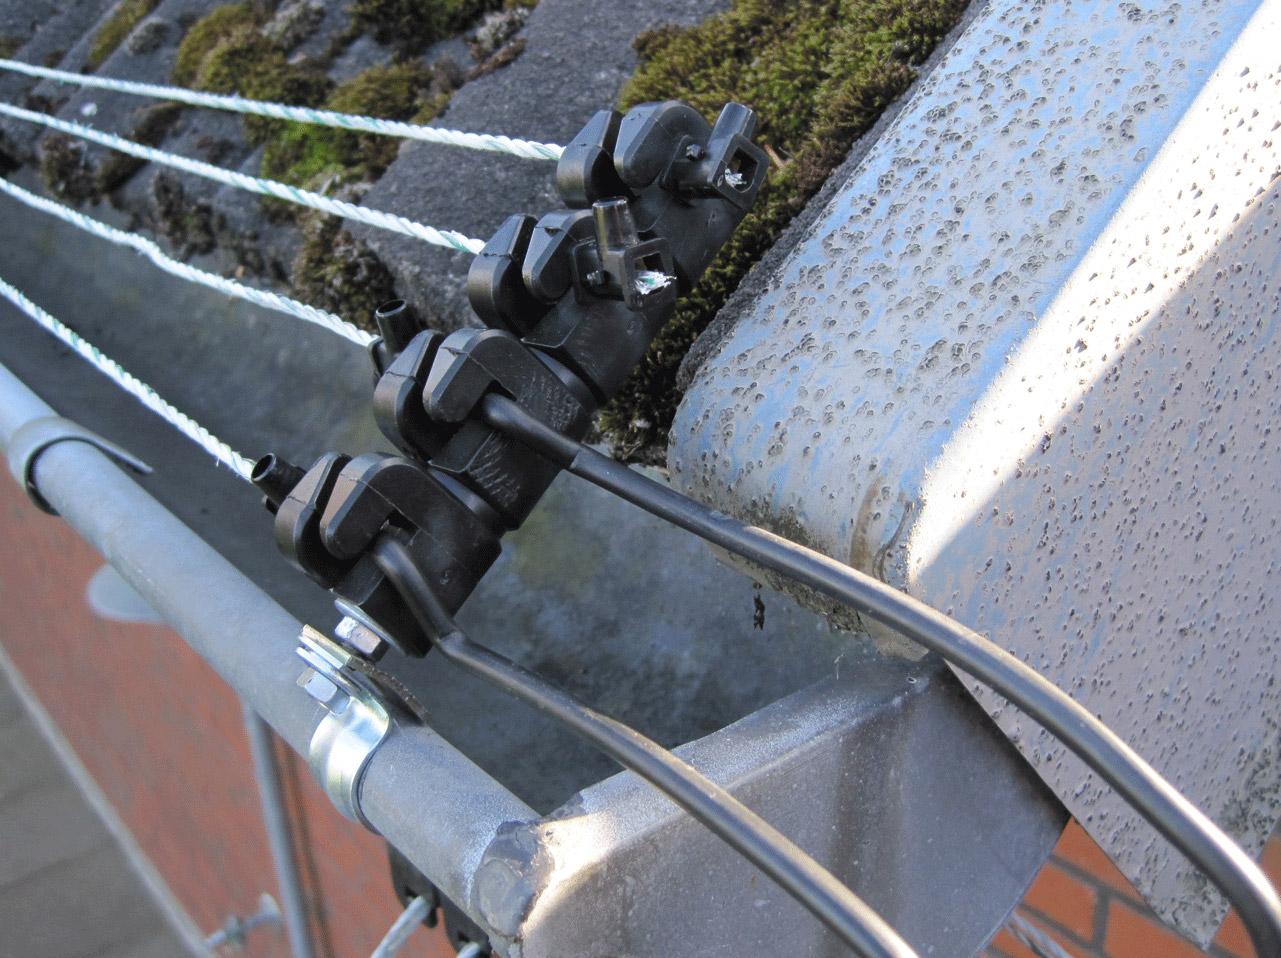 Marderbekämpfung, der Isolator ist einfach und schnell installiert.